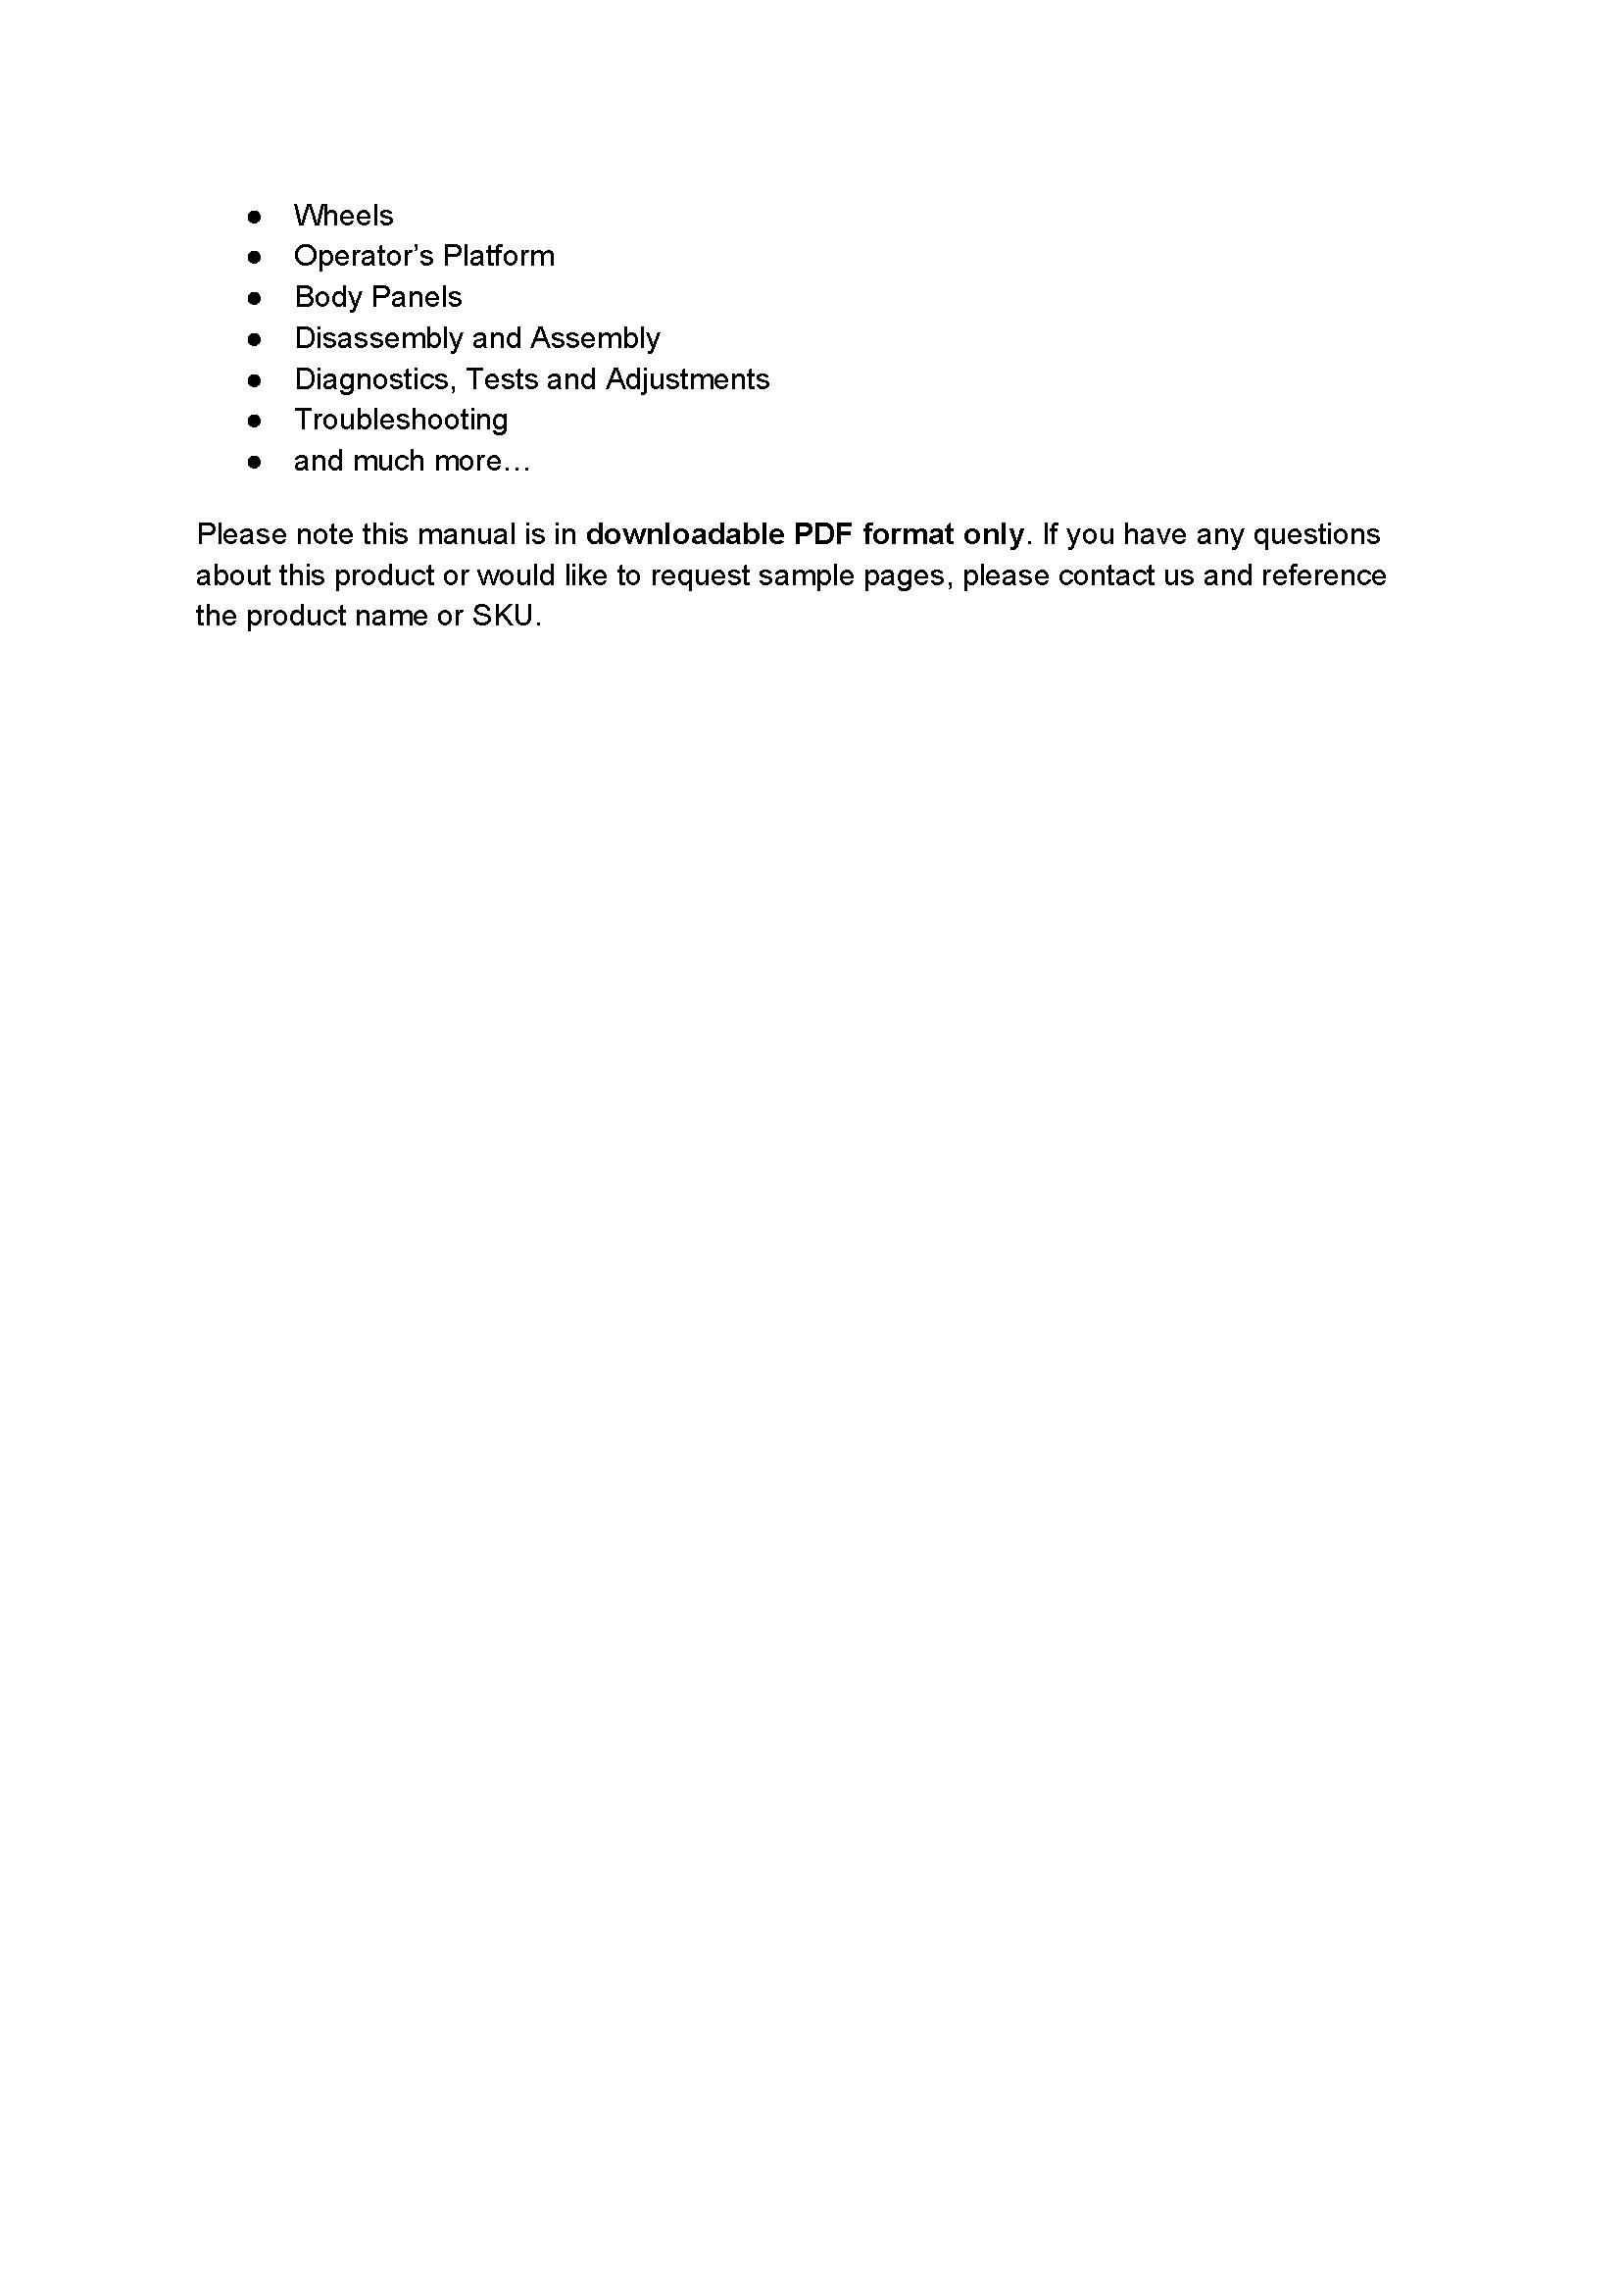 John Deere 5090R manual